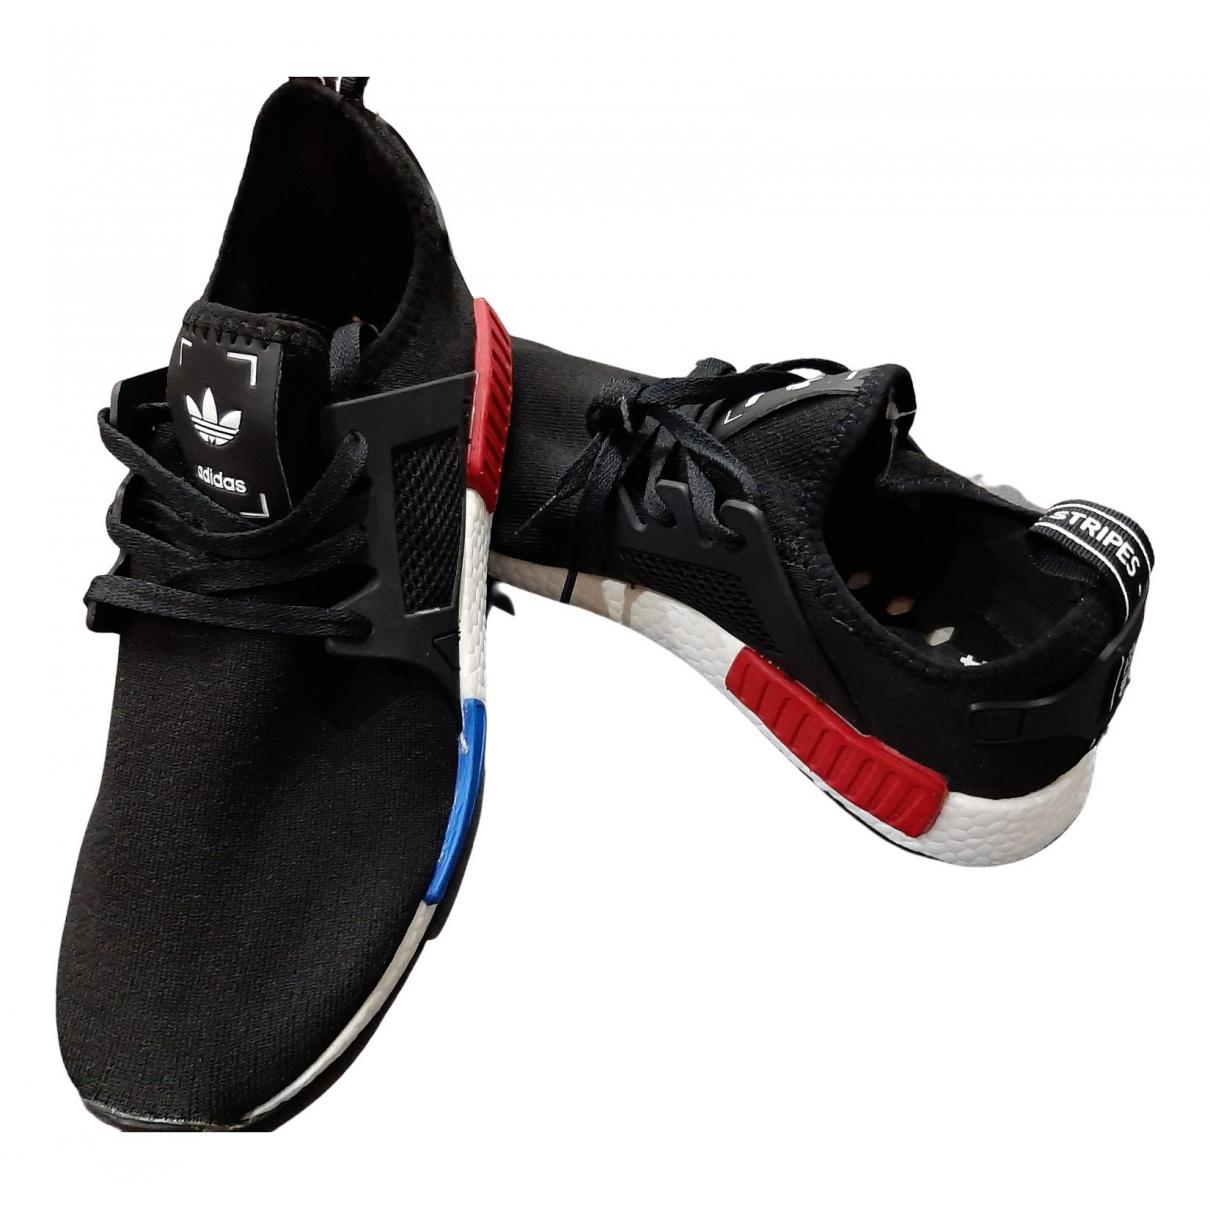 Adidas - Baskets PureBOOST pour homme en toile - multicolore